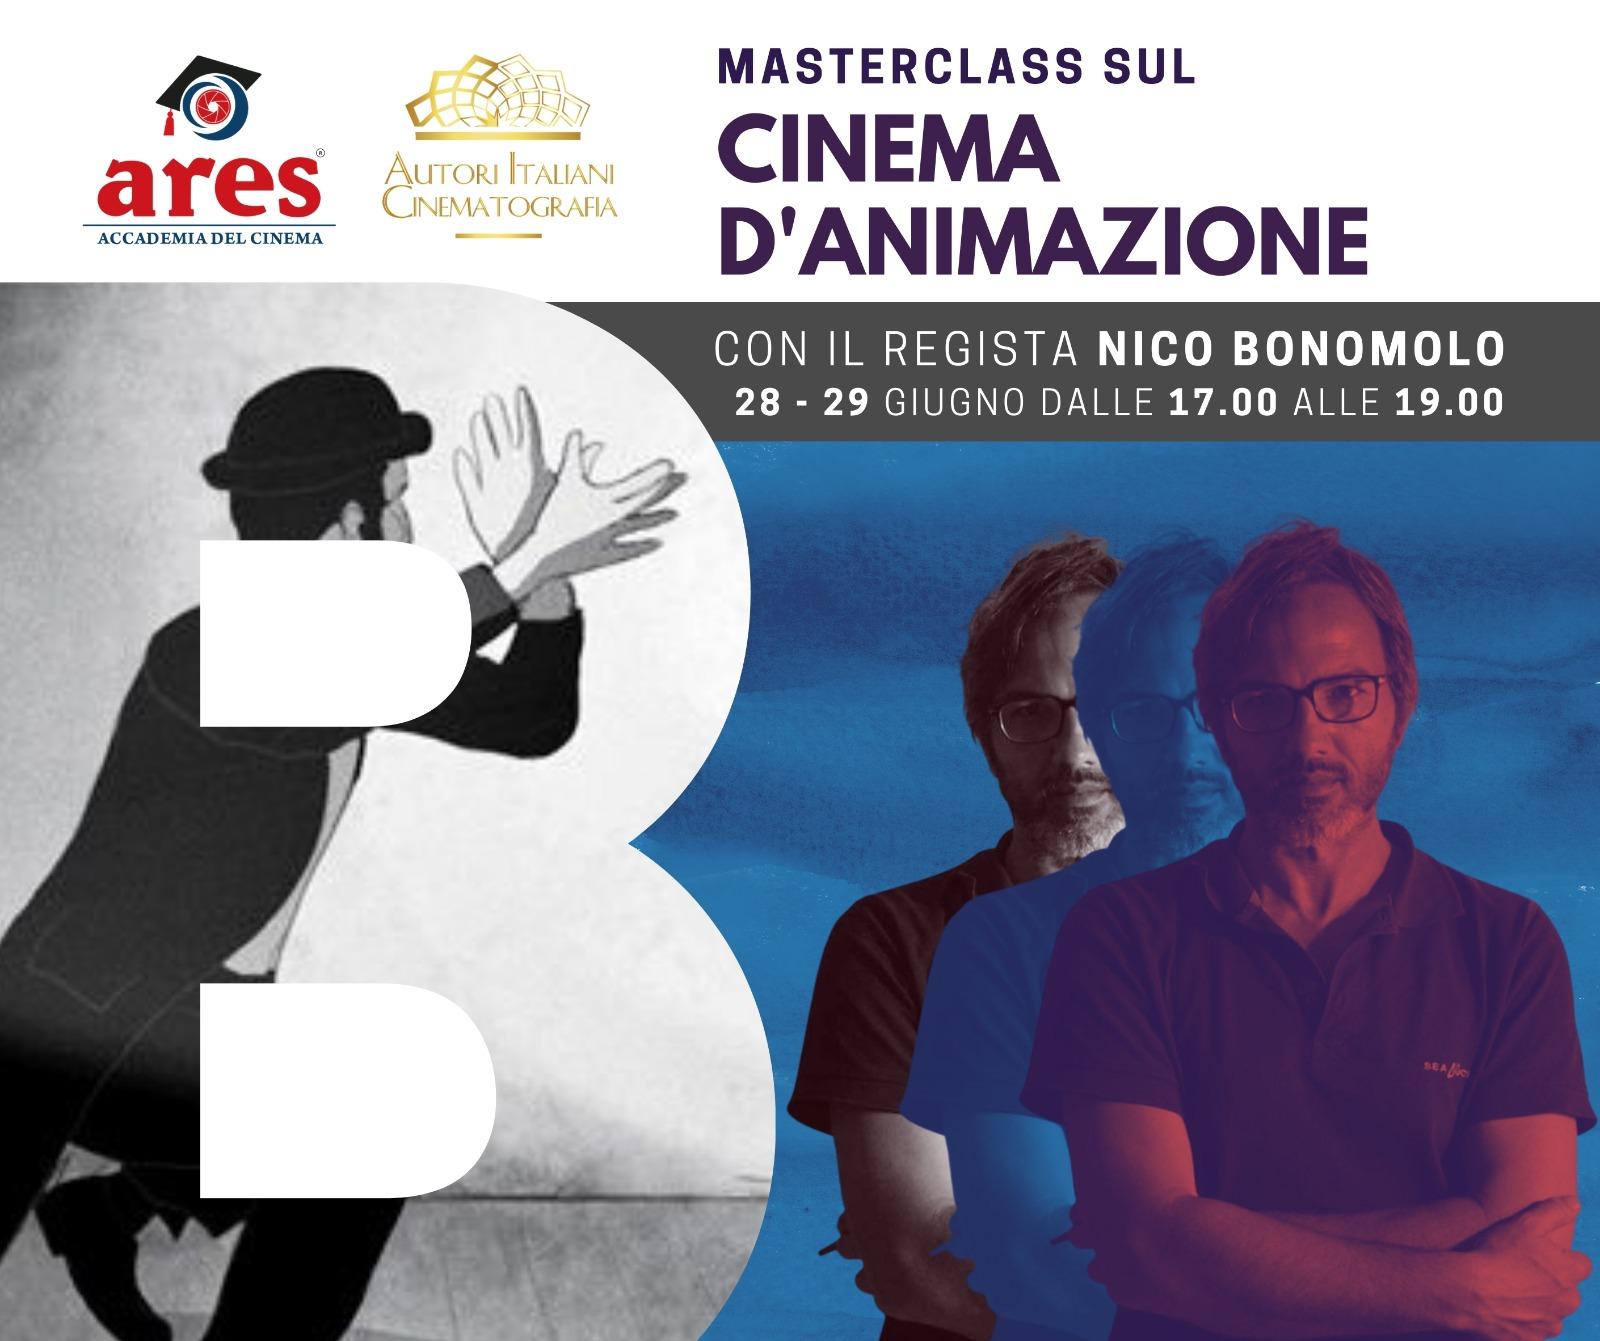 Accademia del Cinema Ares: Masterclass sul Cinema Animato con il regista Nico Bonomolo